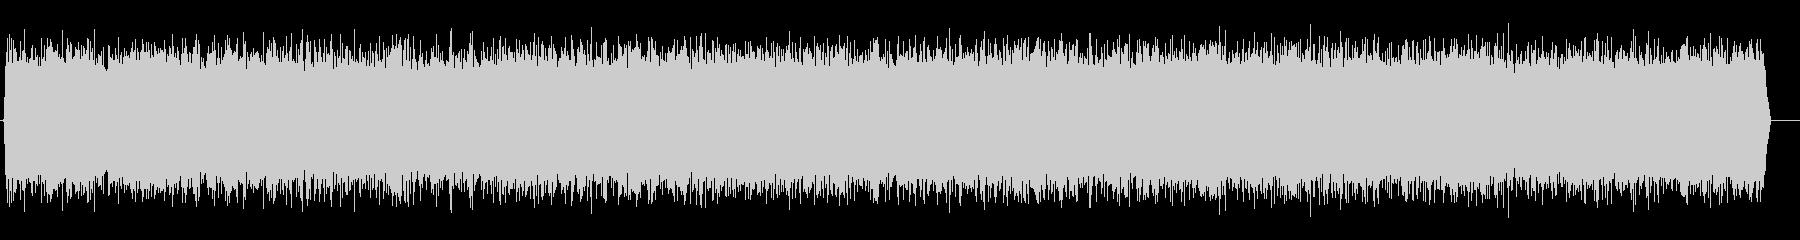 ビューン↑(ジェットエンジンの効果音)の未再生の波形